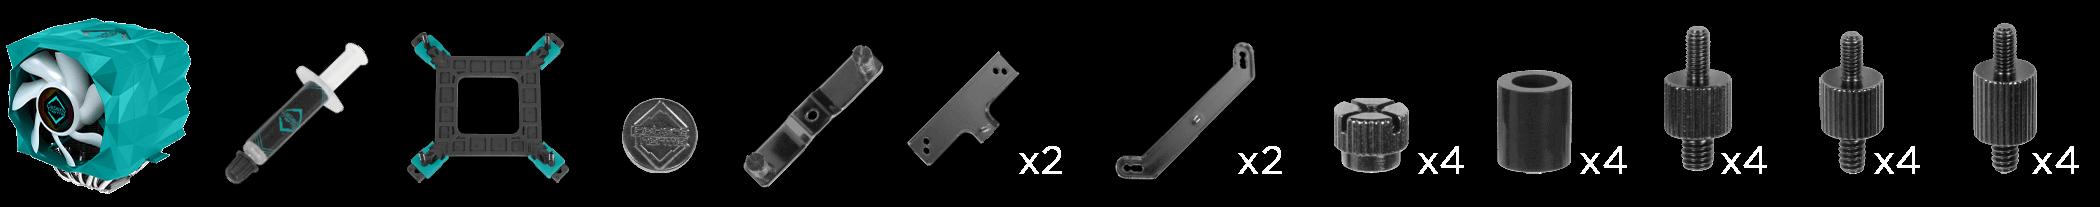 X7 ACC 2